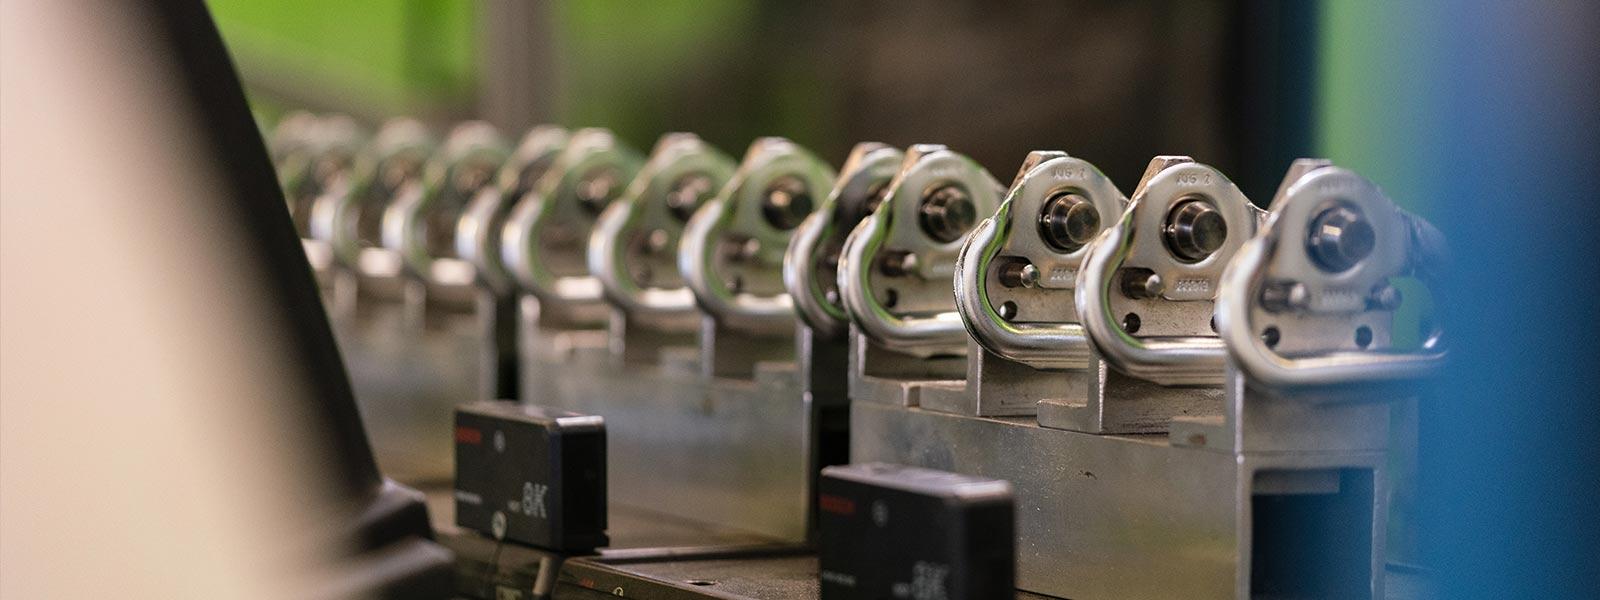 J & S safety systems belt diverter